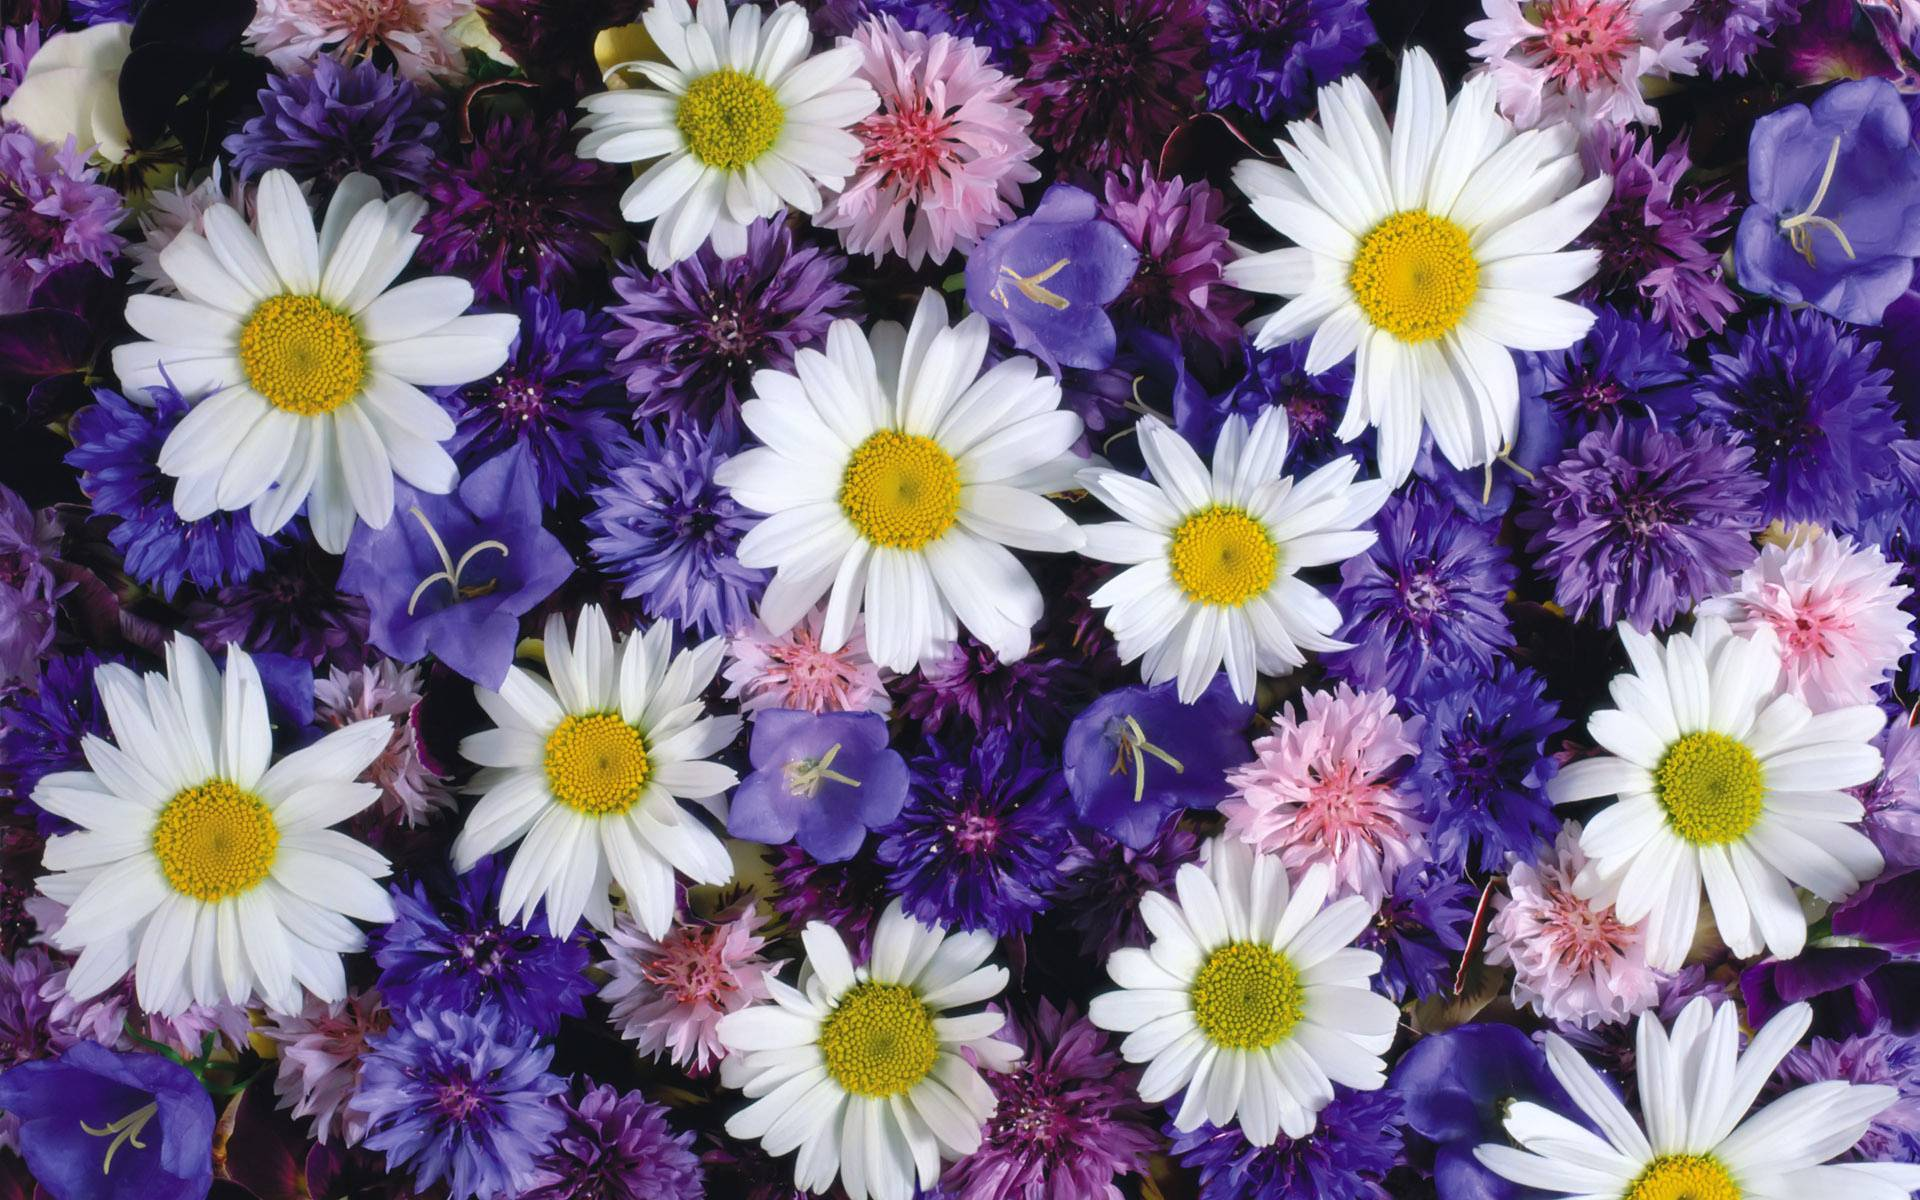 Картинка цветы в корзине